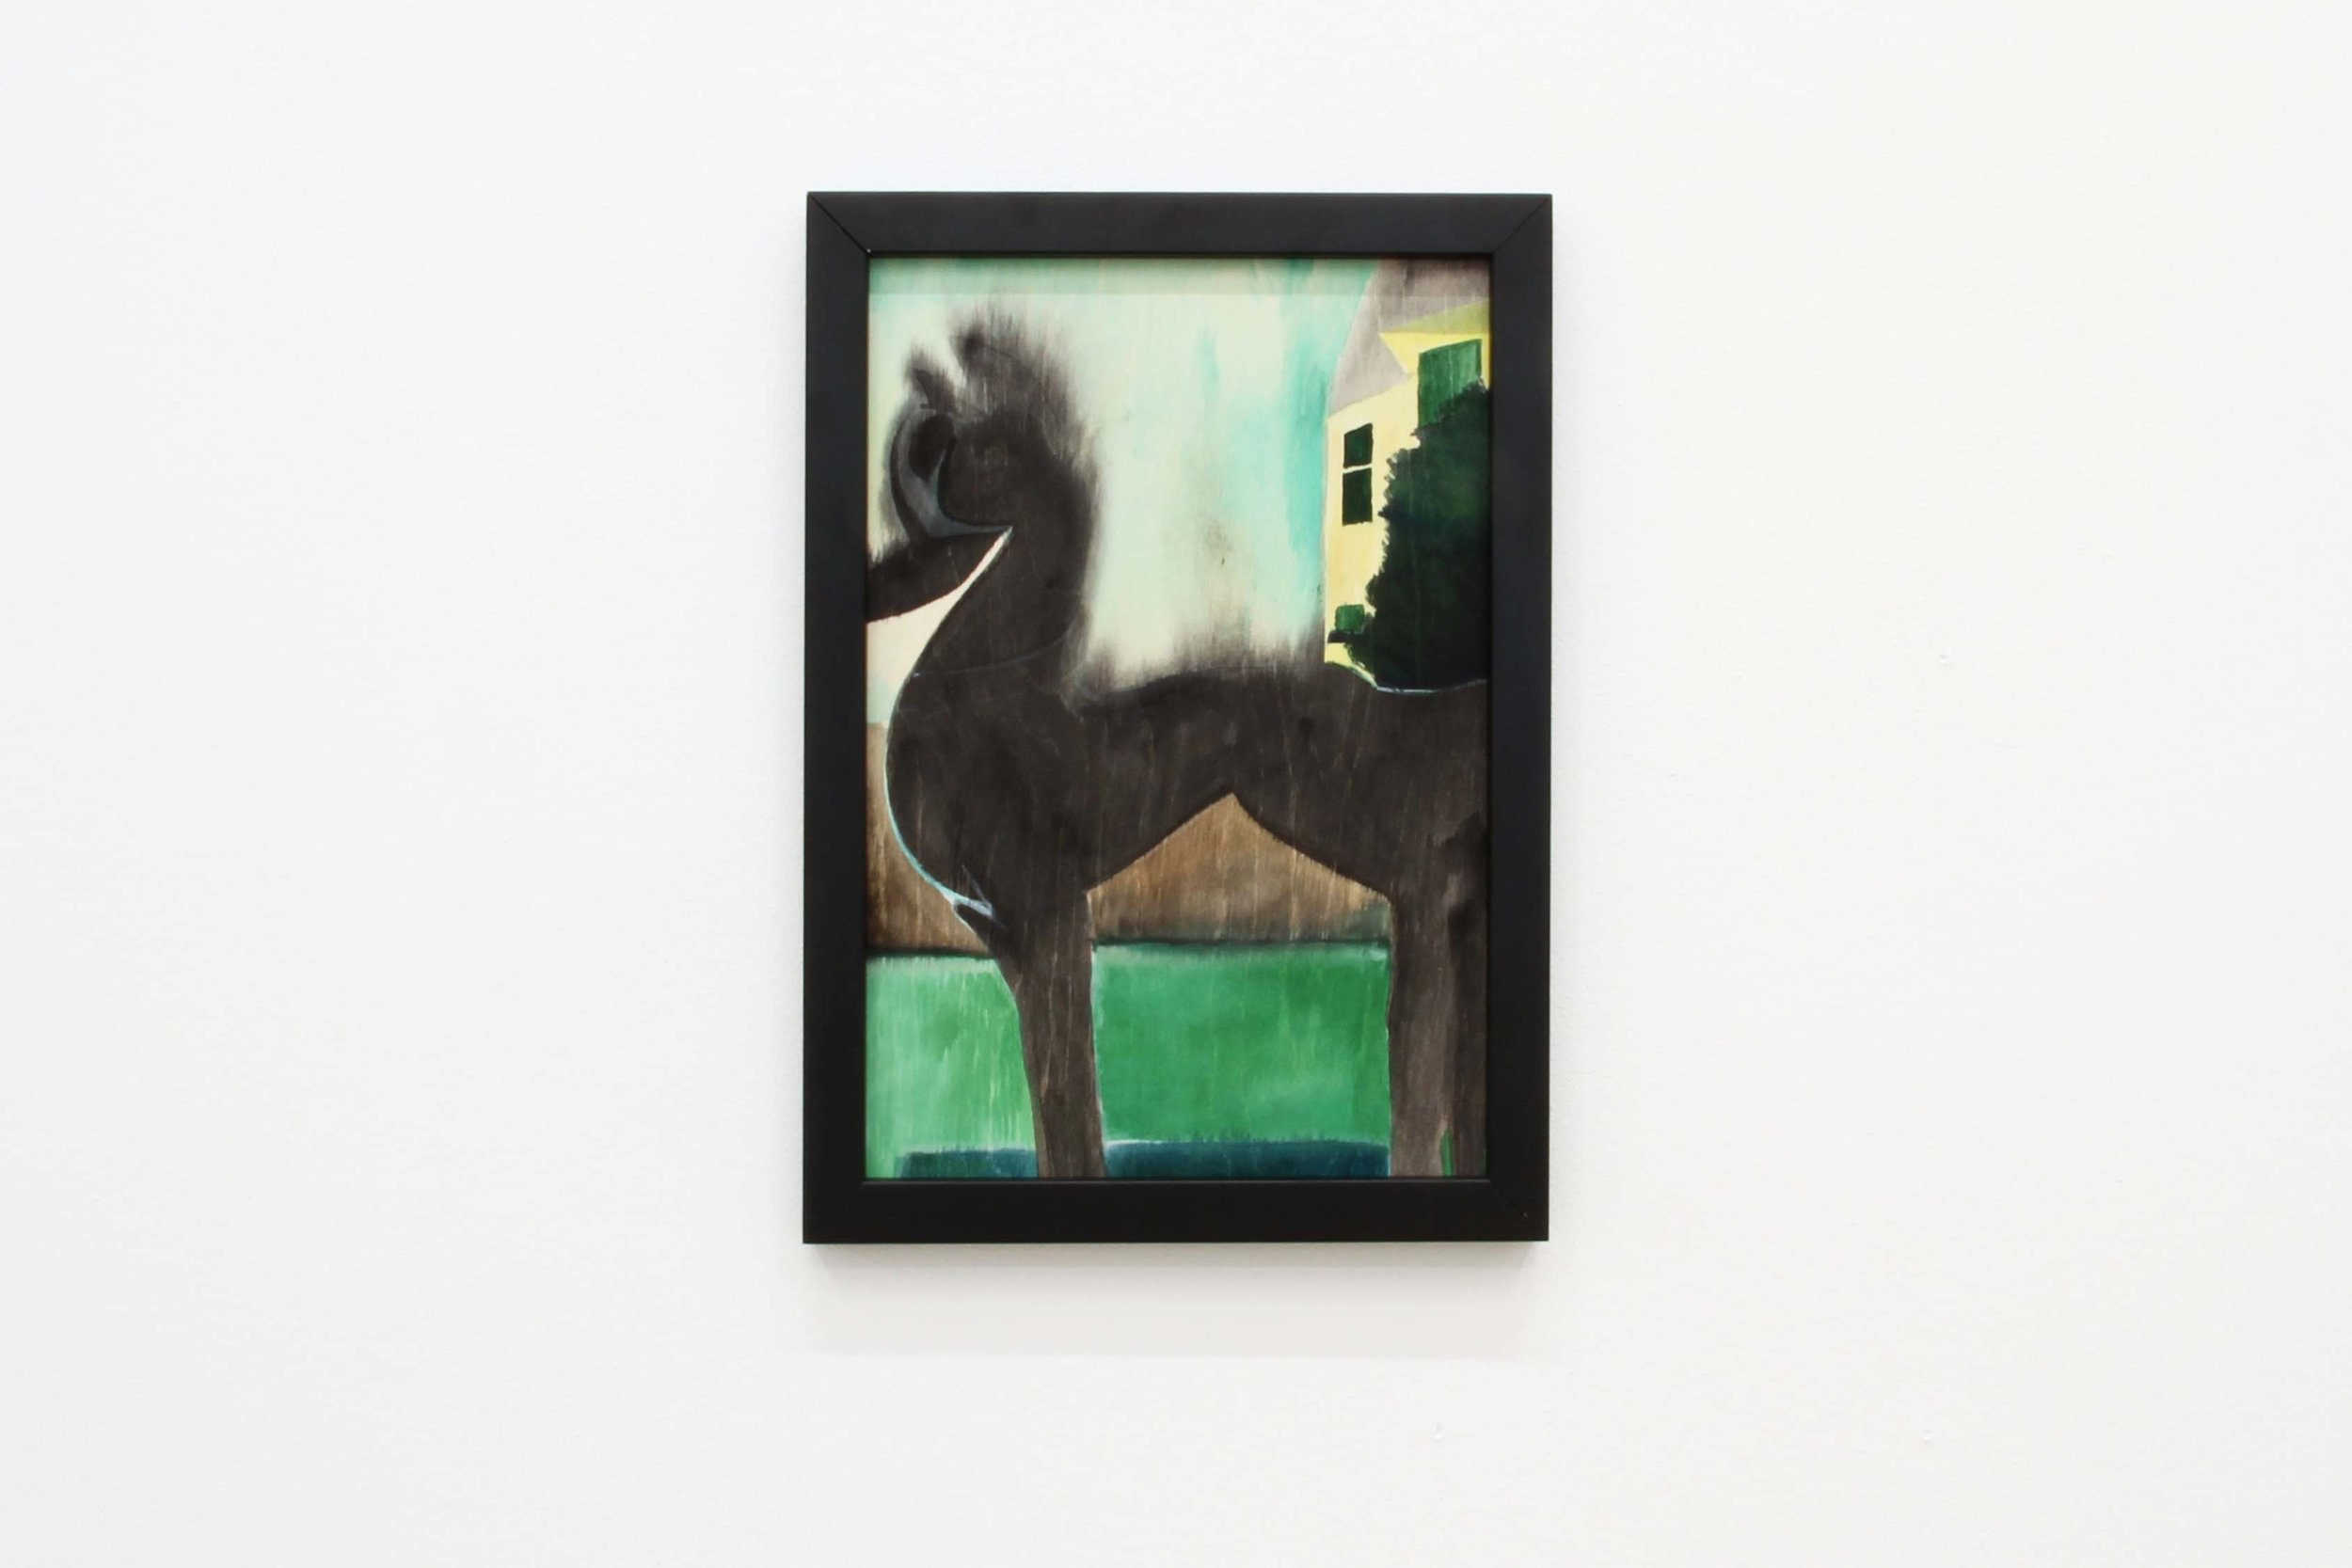 Ohne Titel (Paralyzed), 2018 Gouache on wood 29.7 x 21 cm